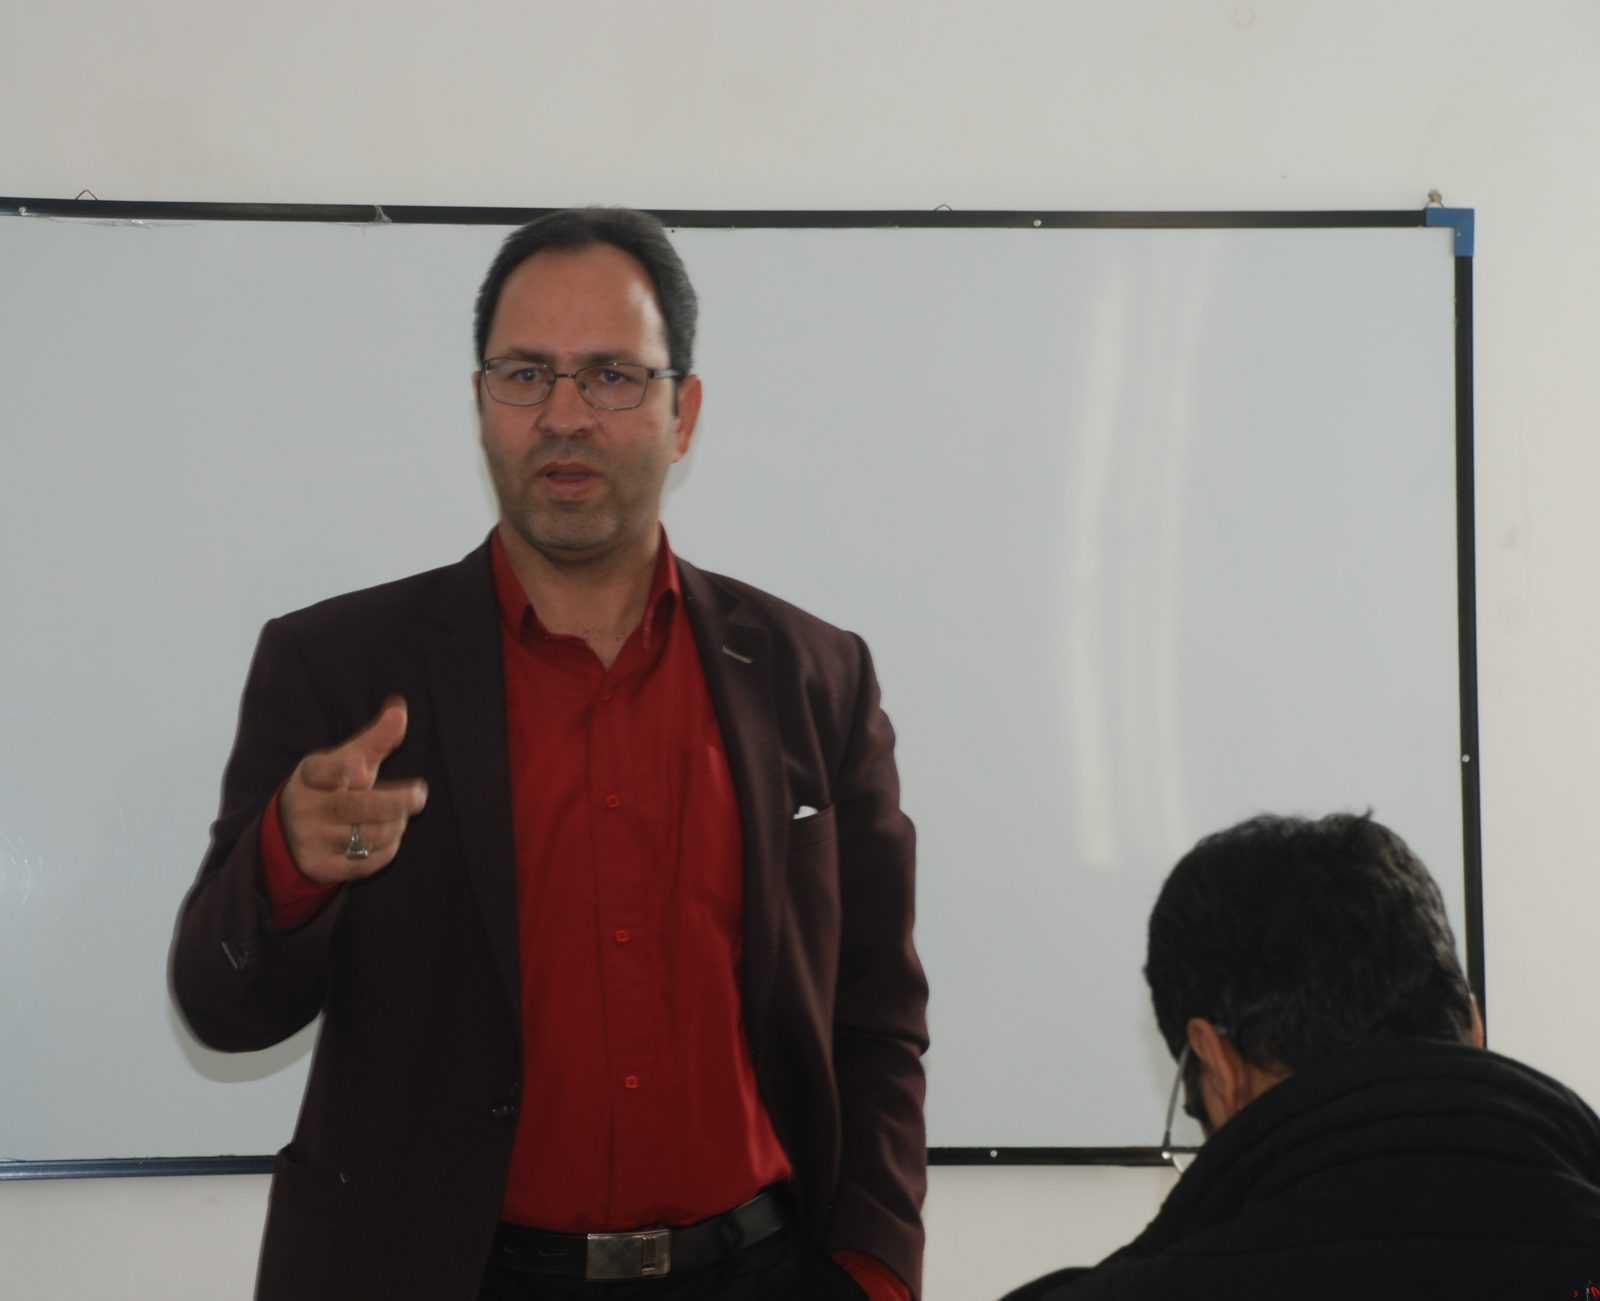 """یادداشت دکتر """" محمّد بیدگلی """" استاد دانشگاه و کارشناس مسائل ایران در خصوص « شوخ طبعی قومیتی در ایران زمین »"""